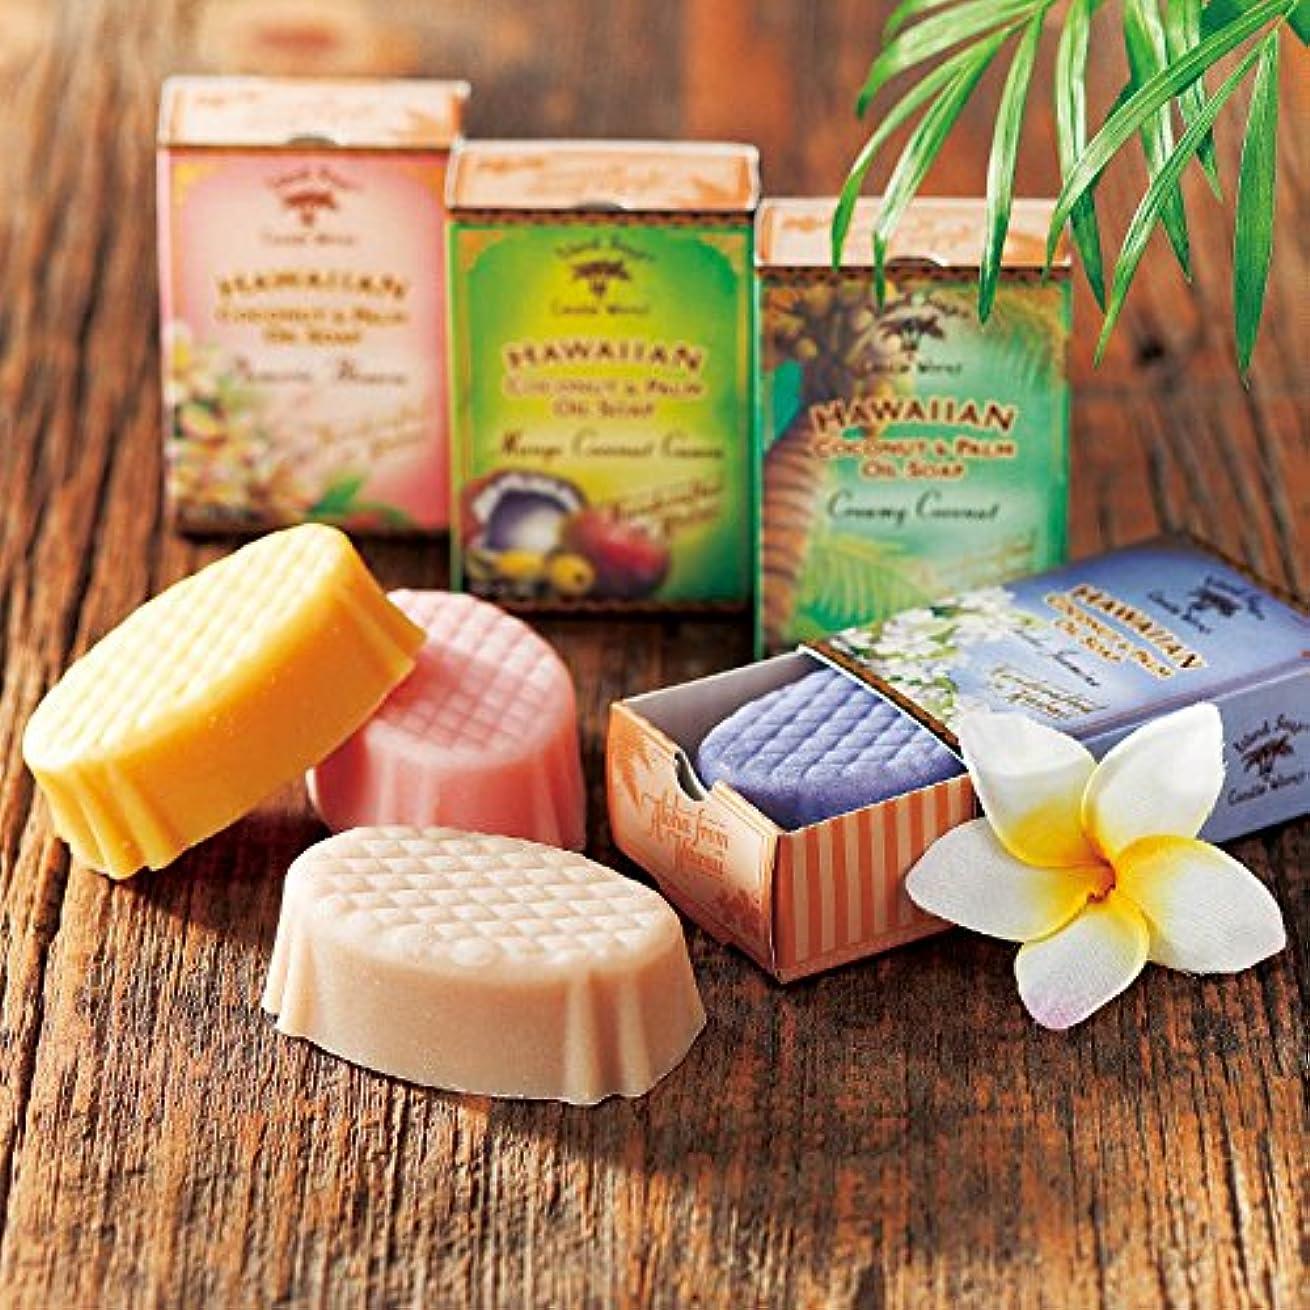 ファンシーオズワルドラテンハワイ 土産 アイランドソープ ココナッツソープ 4種セット (海外旅行 ハワイ お土産)